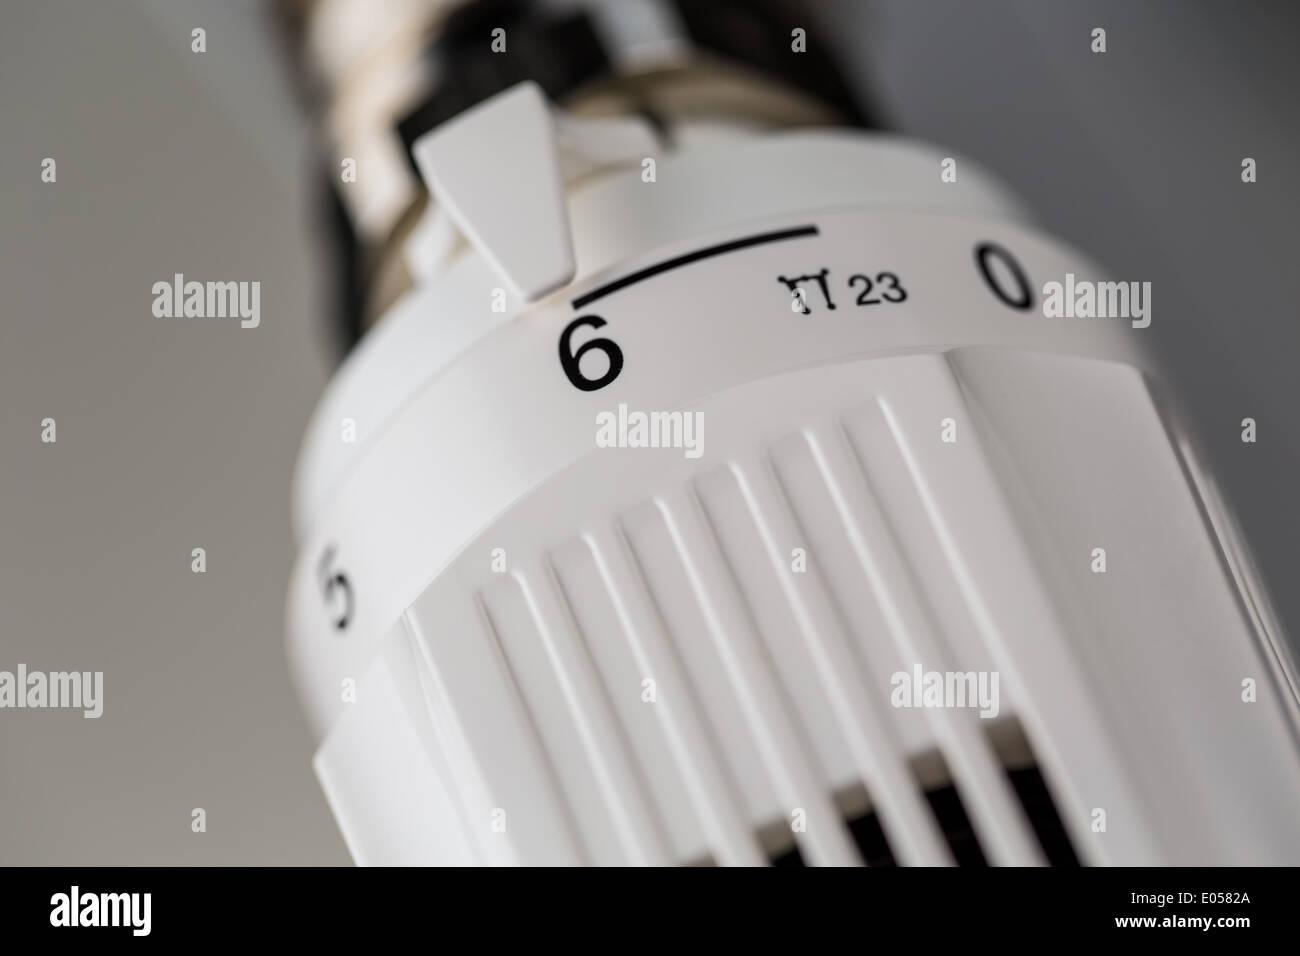 das thermostat einer heizung ist v llig aufgedreht hohe energie kosten ursache hohe. Black Bedroom Furniture Sets. Home Design Ideas